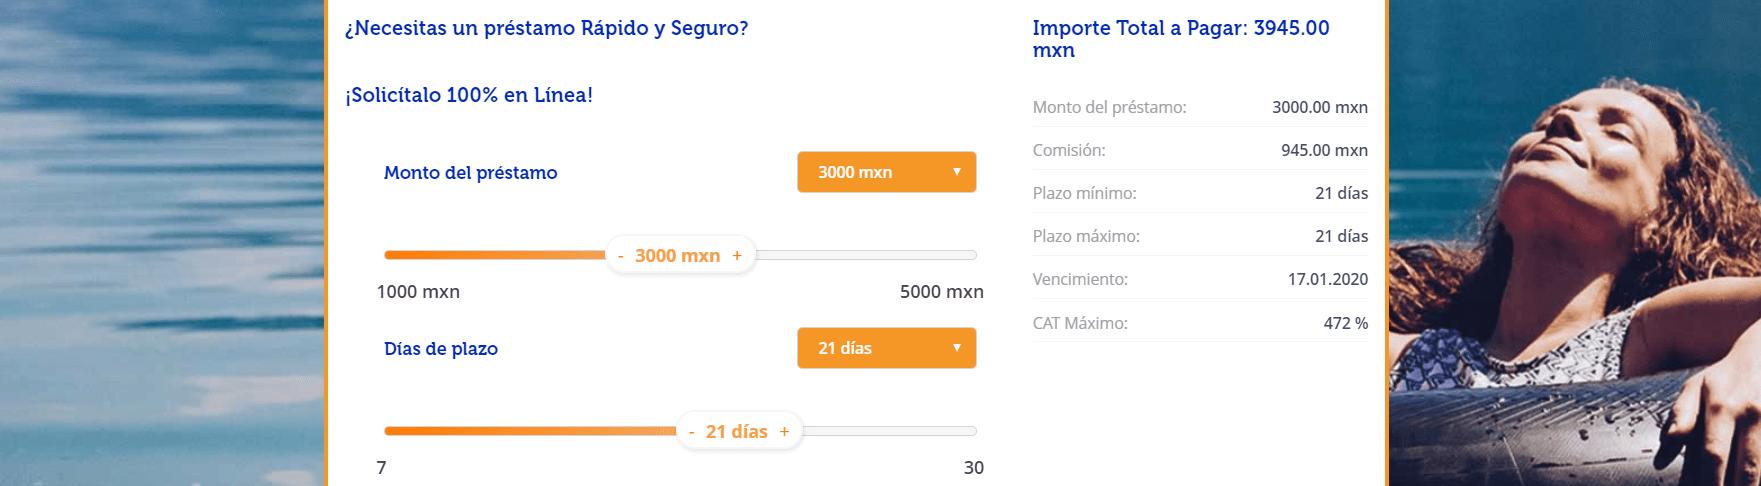 Crédito Mexicana